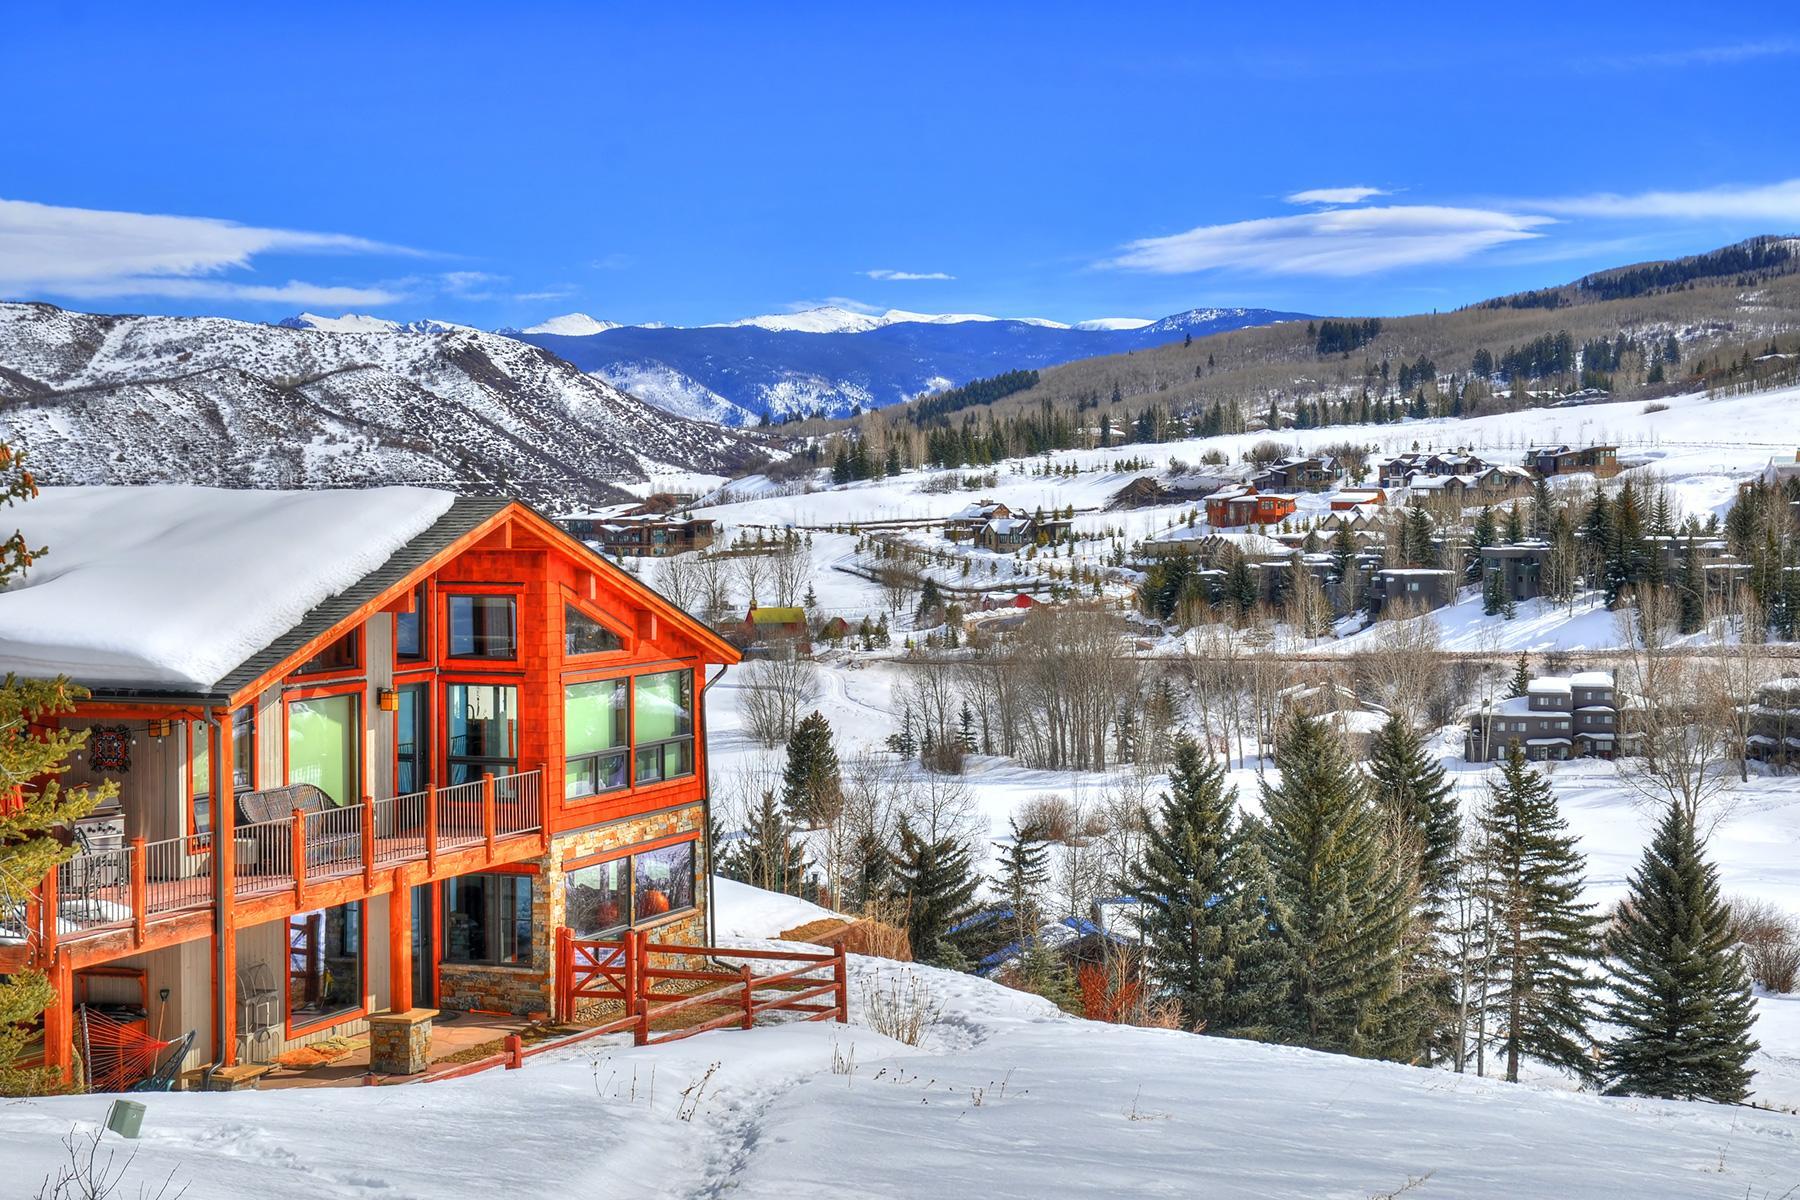 Aspen gay ski week kicks off with increased focus on welcoming families